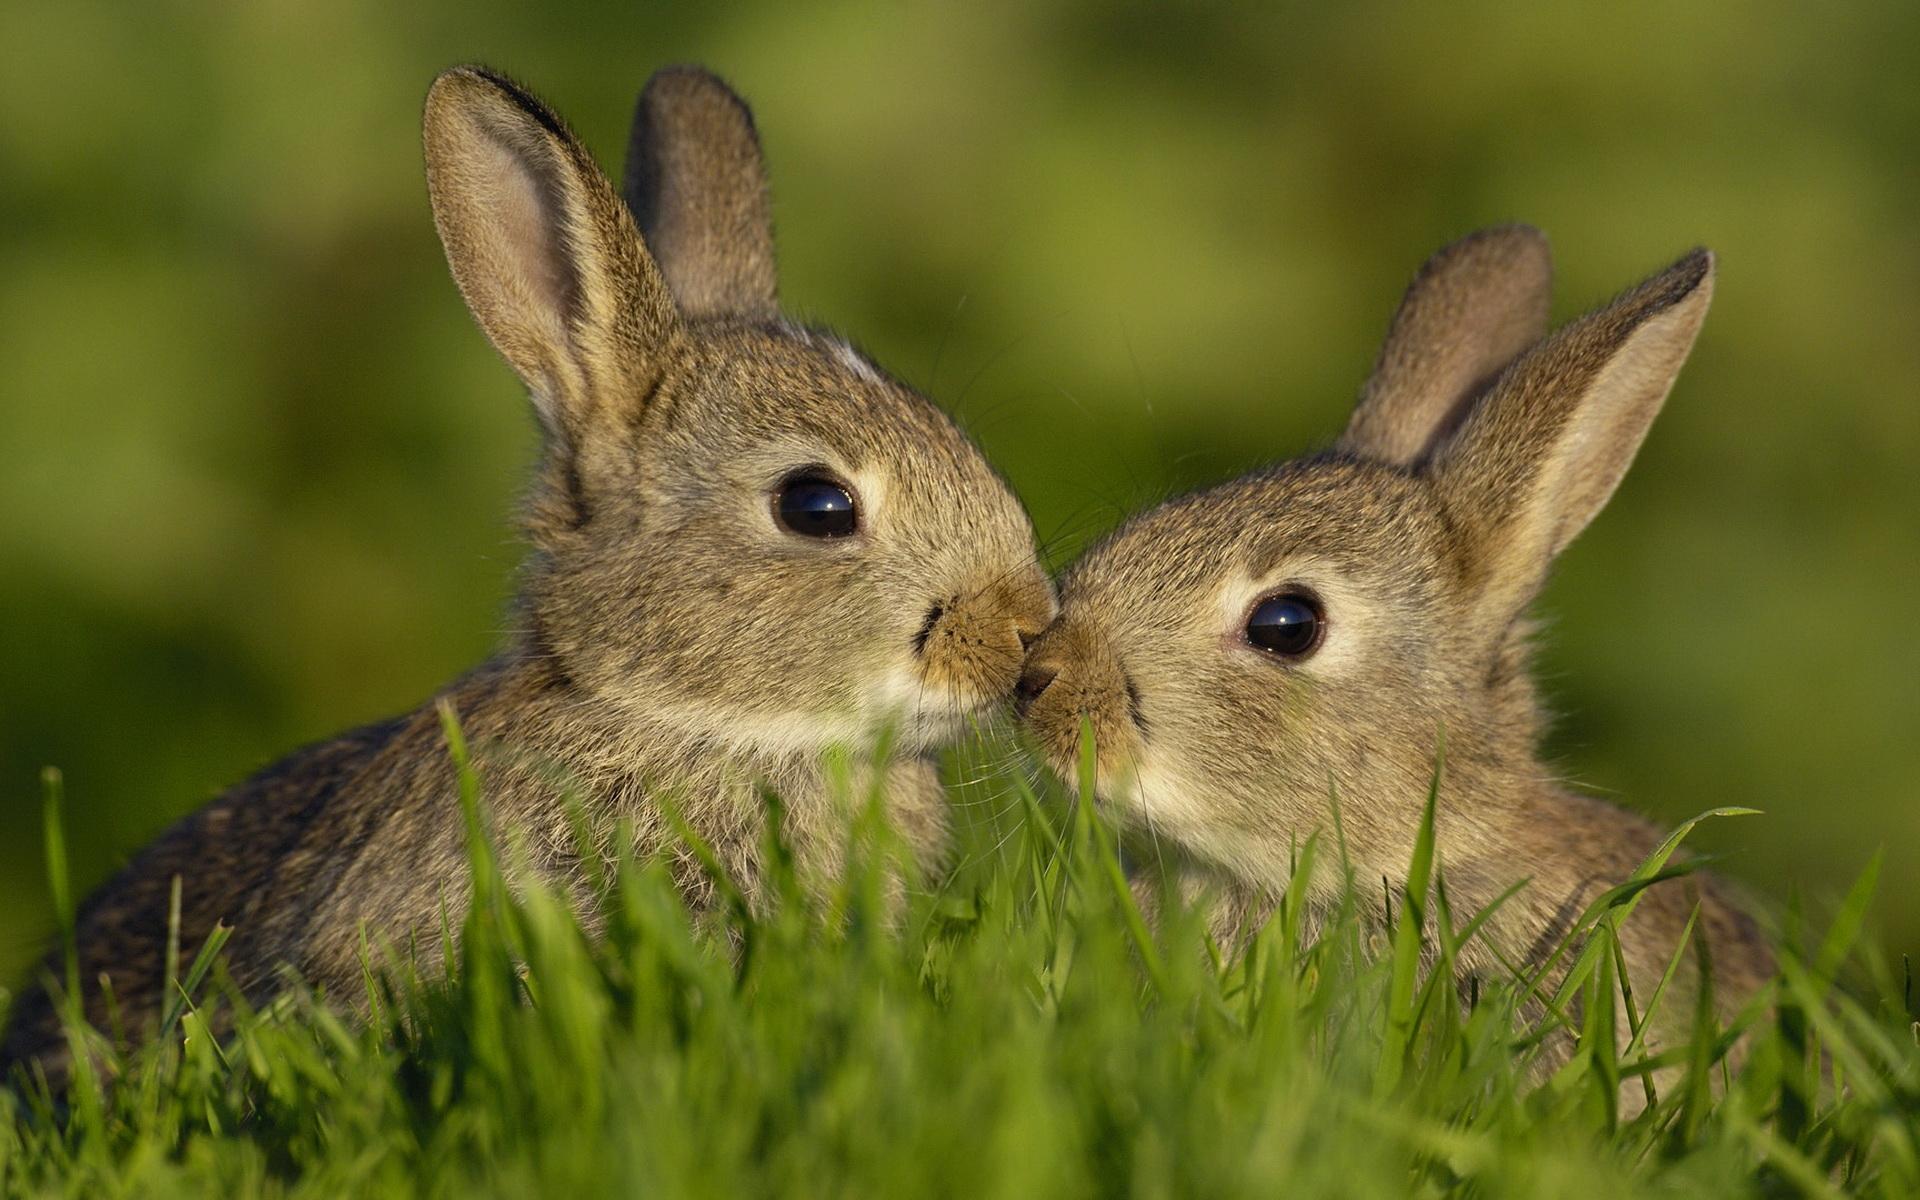 фото зайца скачать